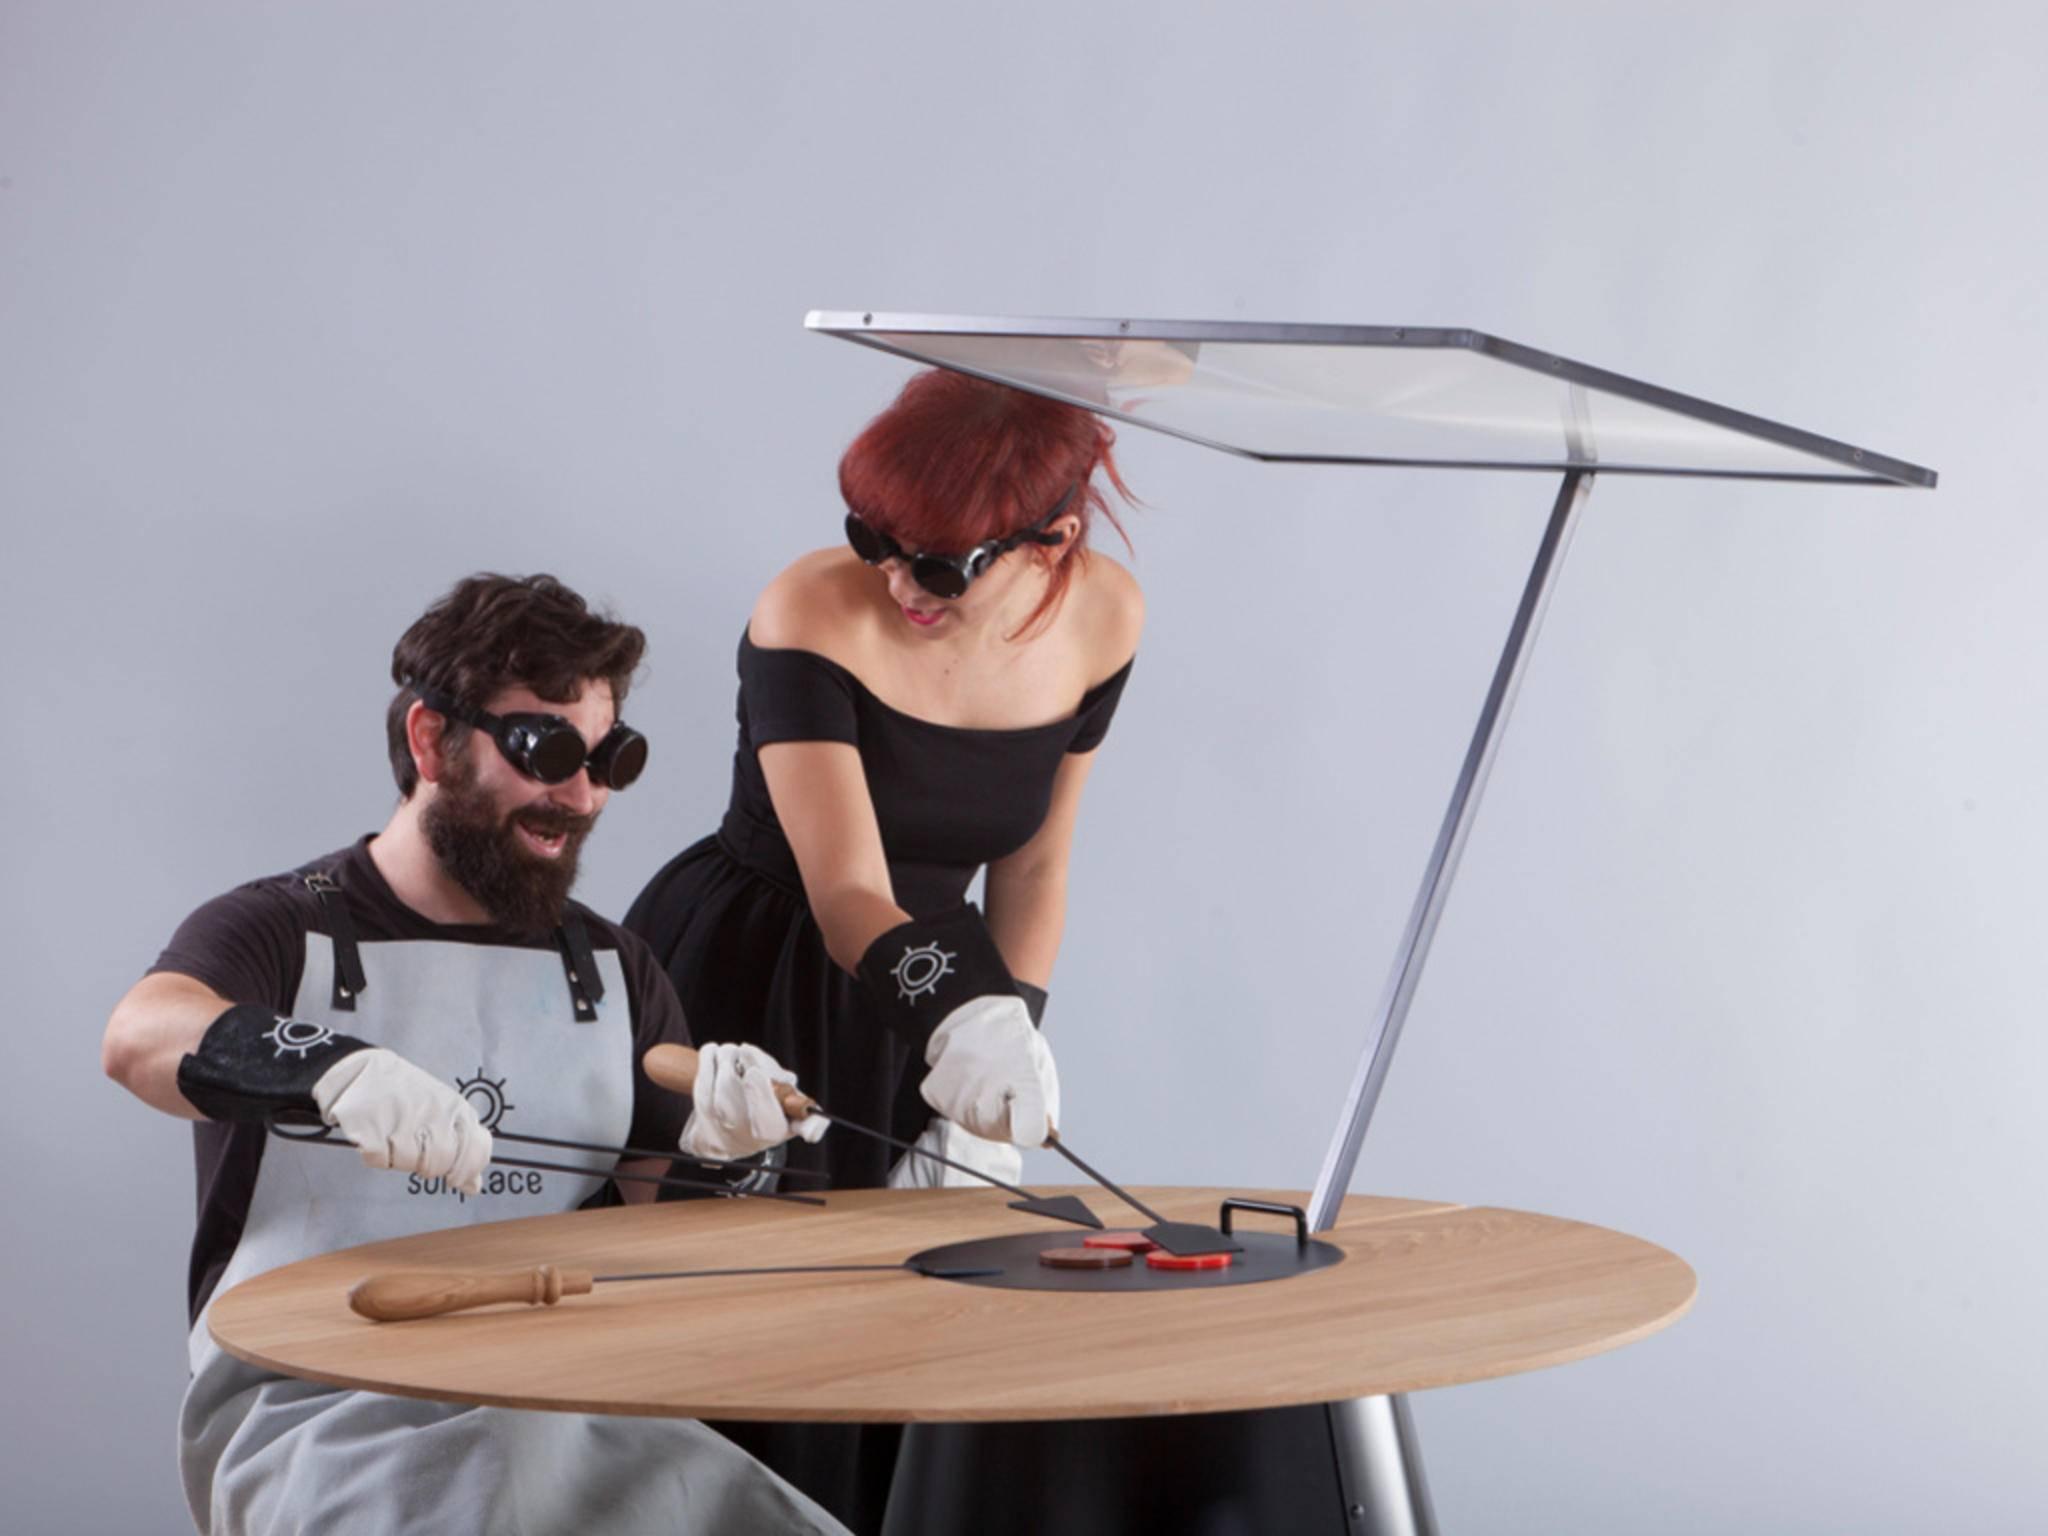 Beim Grillen am Solargrill muss man eine bestimmte Schutzkleidung anziehen.